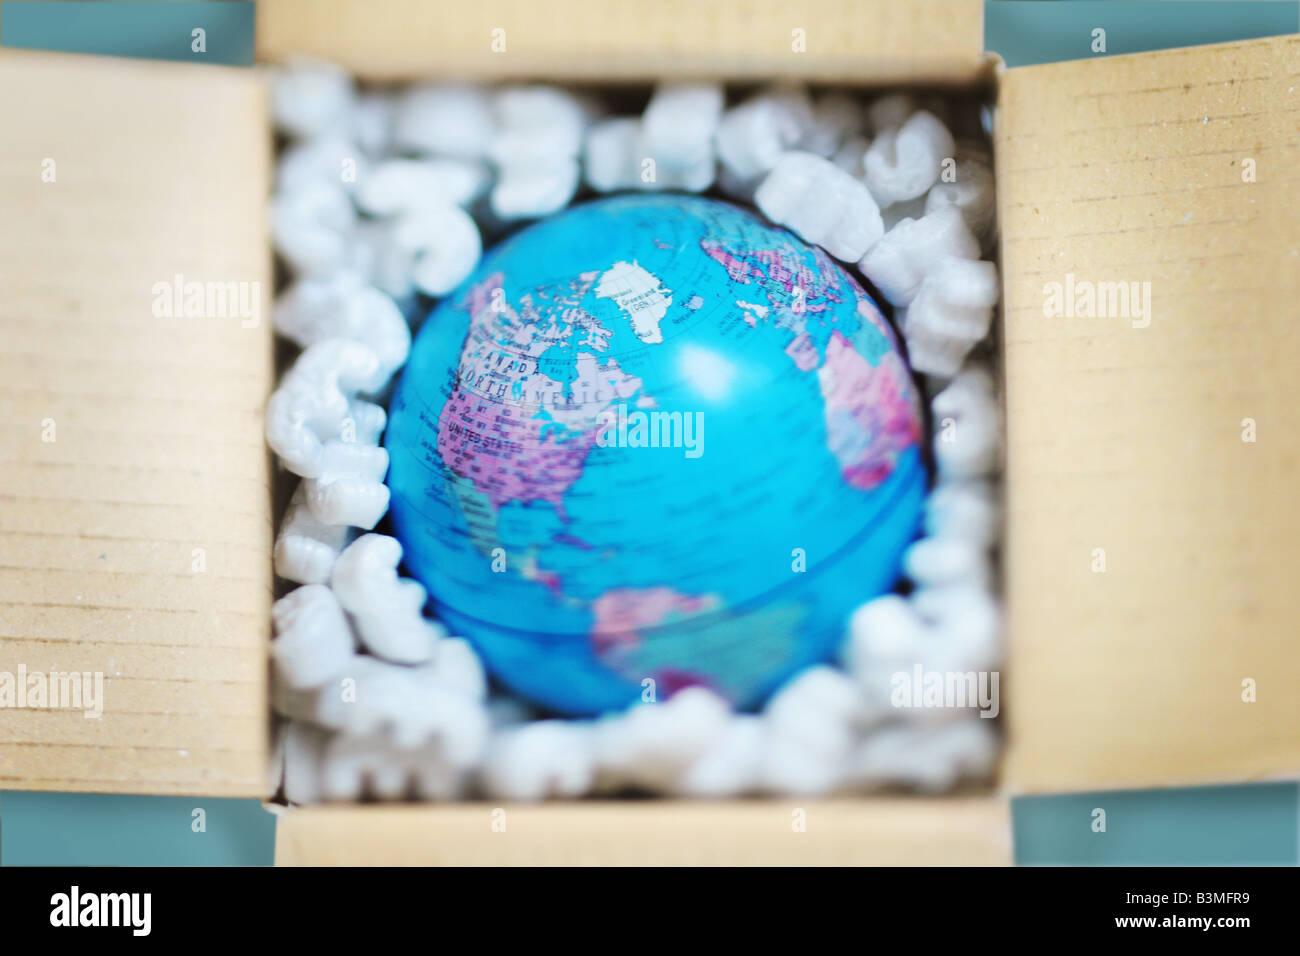 Globe en el embalaje de protección Imagen De Stock